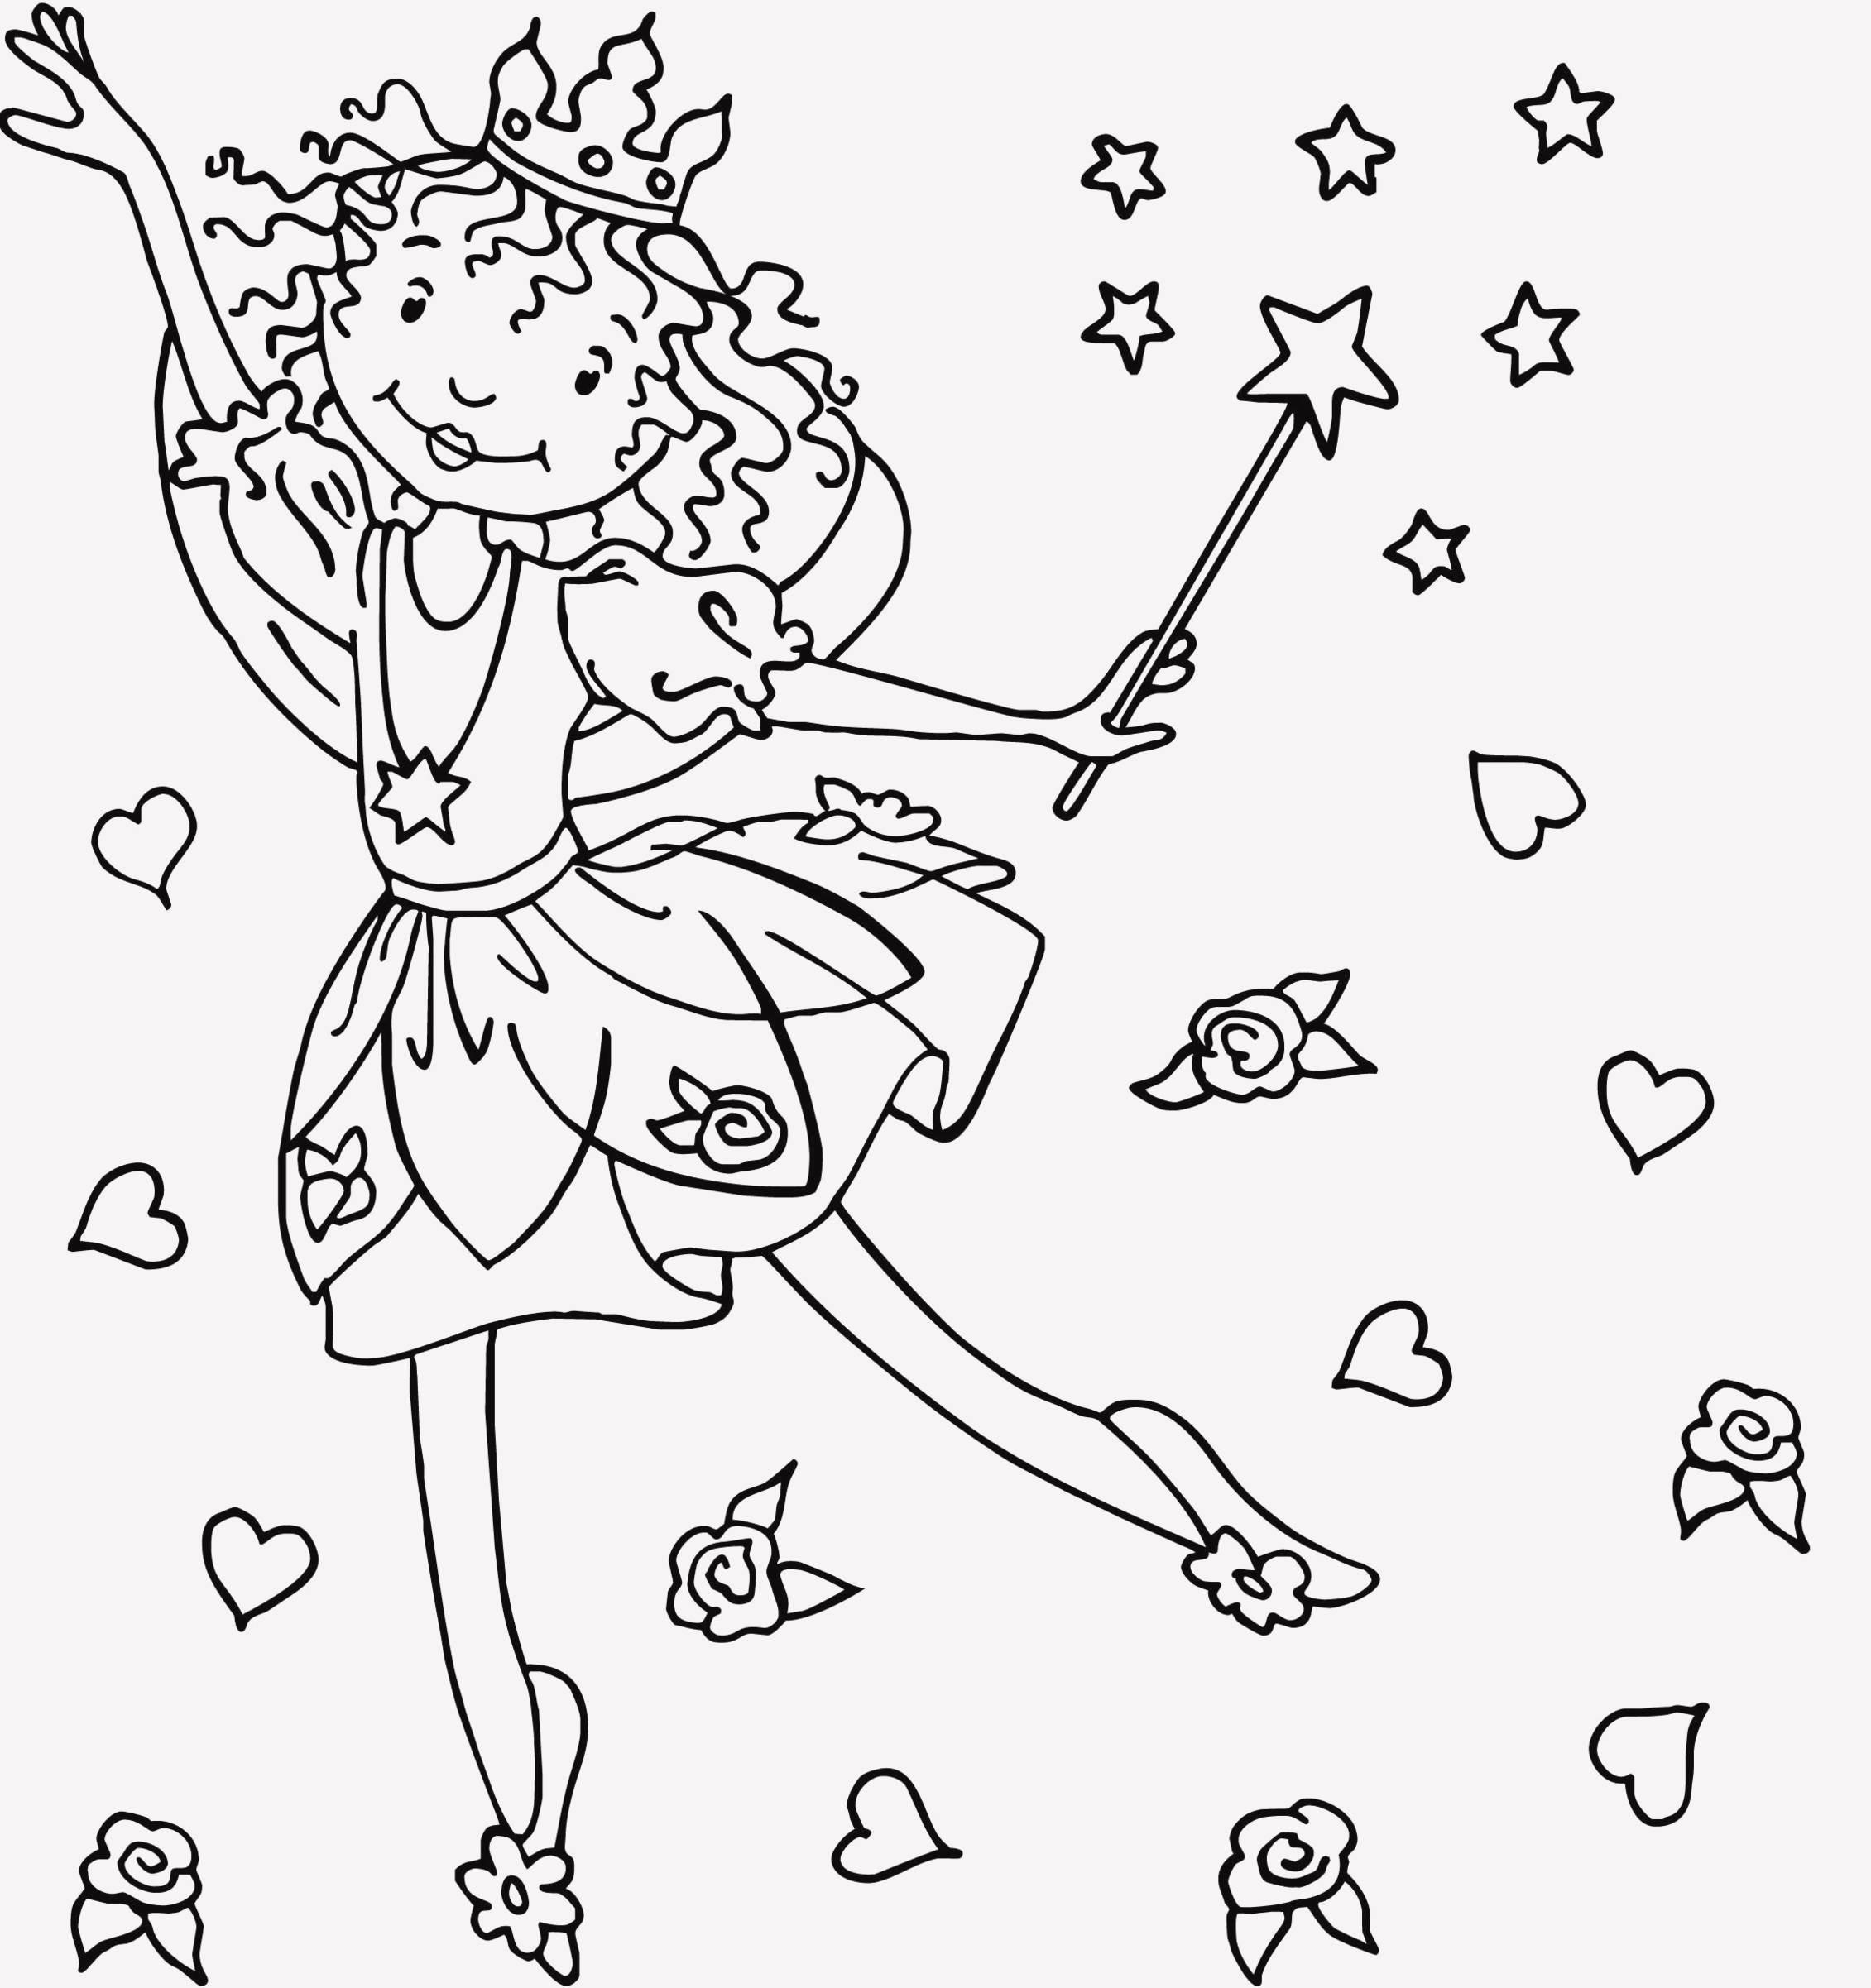 Ausmalbild Prinzessin Einhorn Neu Prinzessin Lillifee Malvorlage Luxus Ausmalbilder Lillifee Zum Sammlung